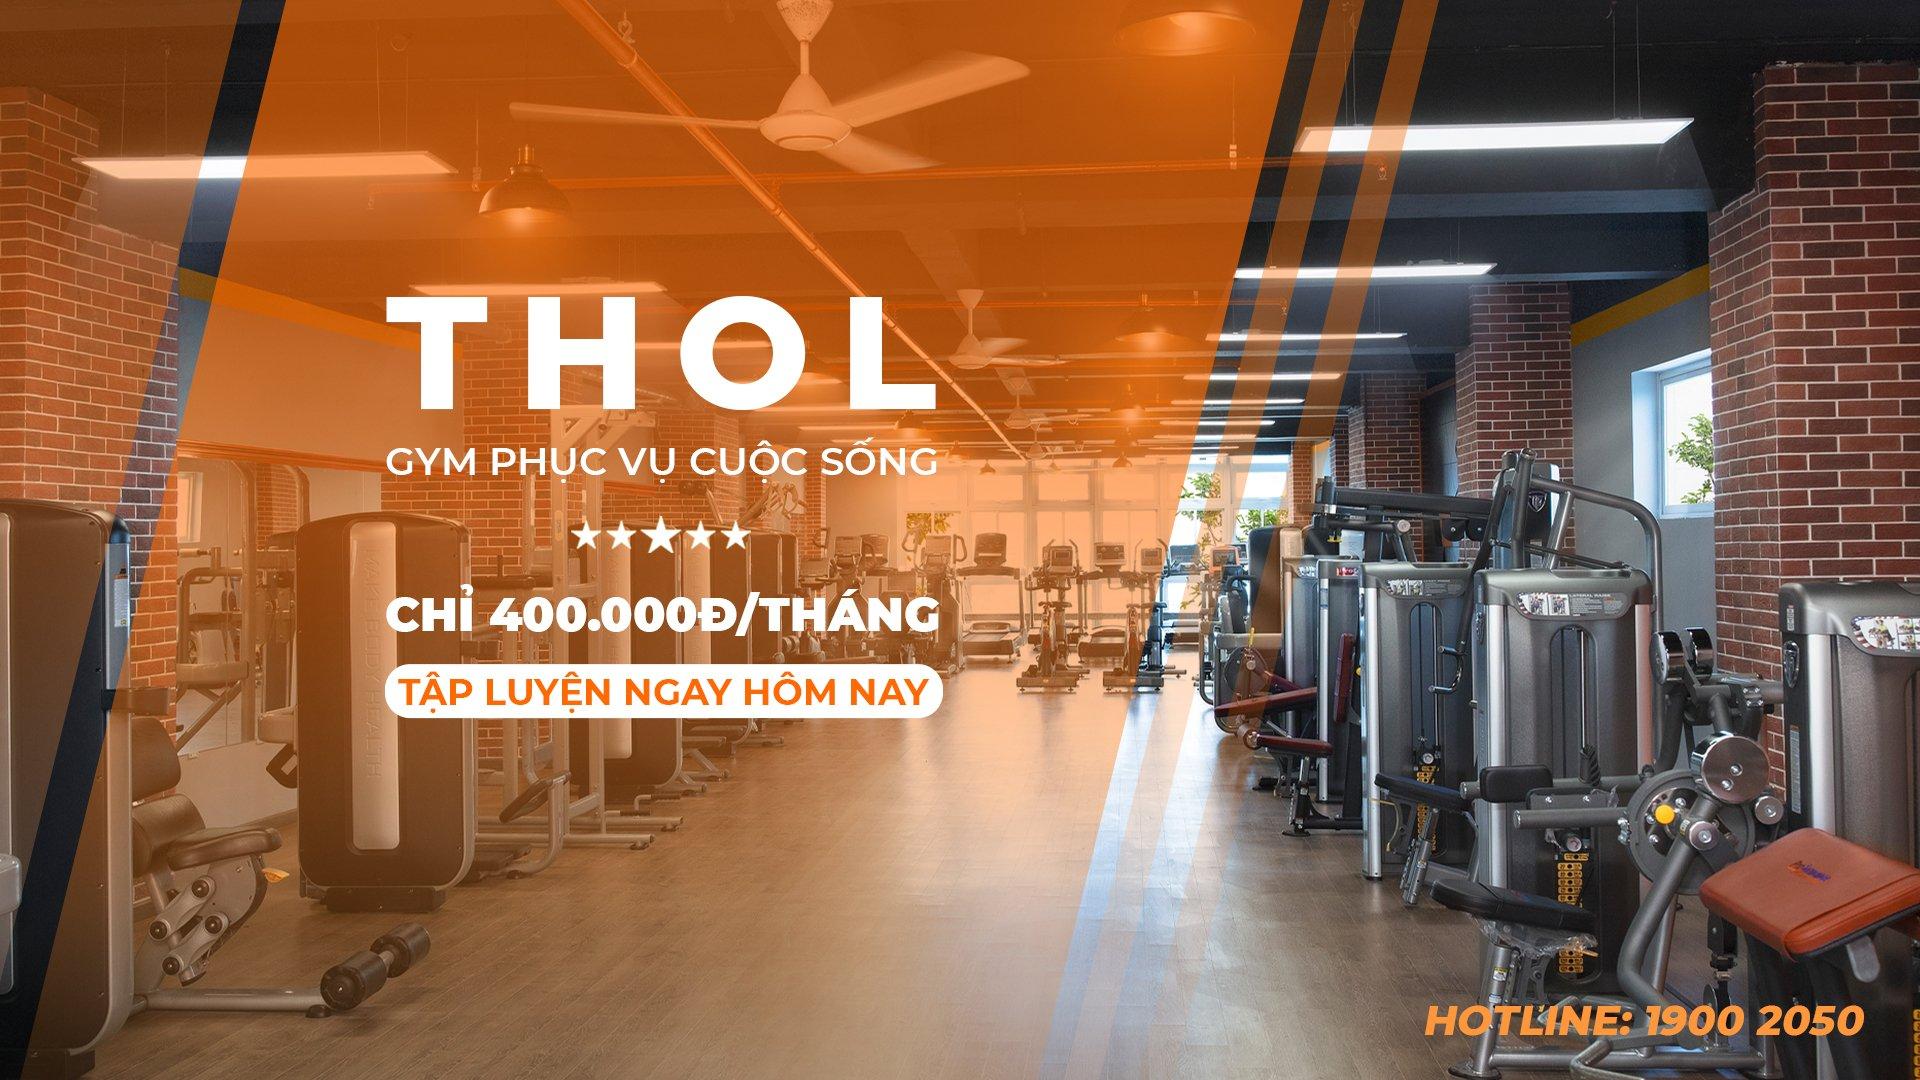 THOL Gym Center - Nơi giúp bạn giảm cân đúng cách và bền vững